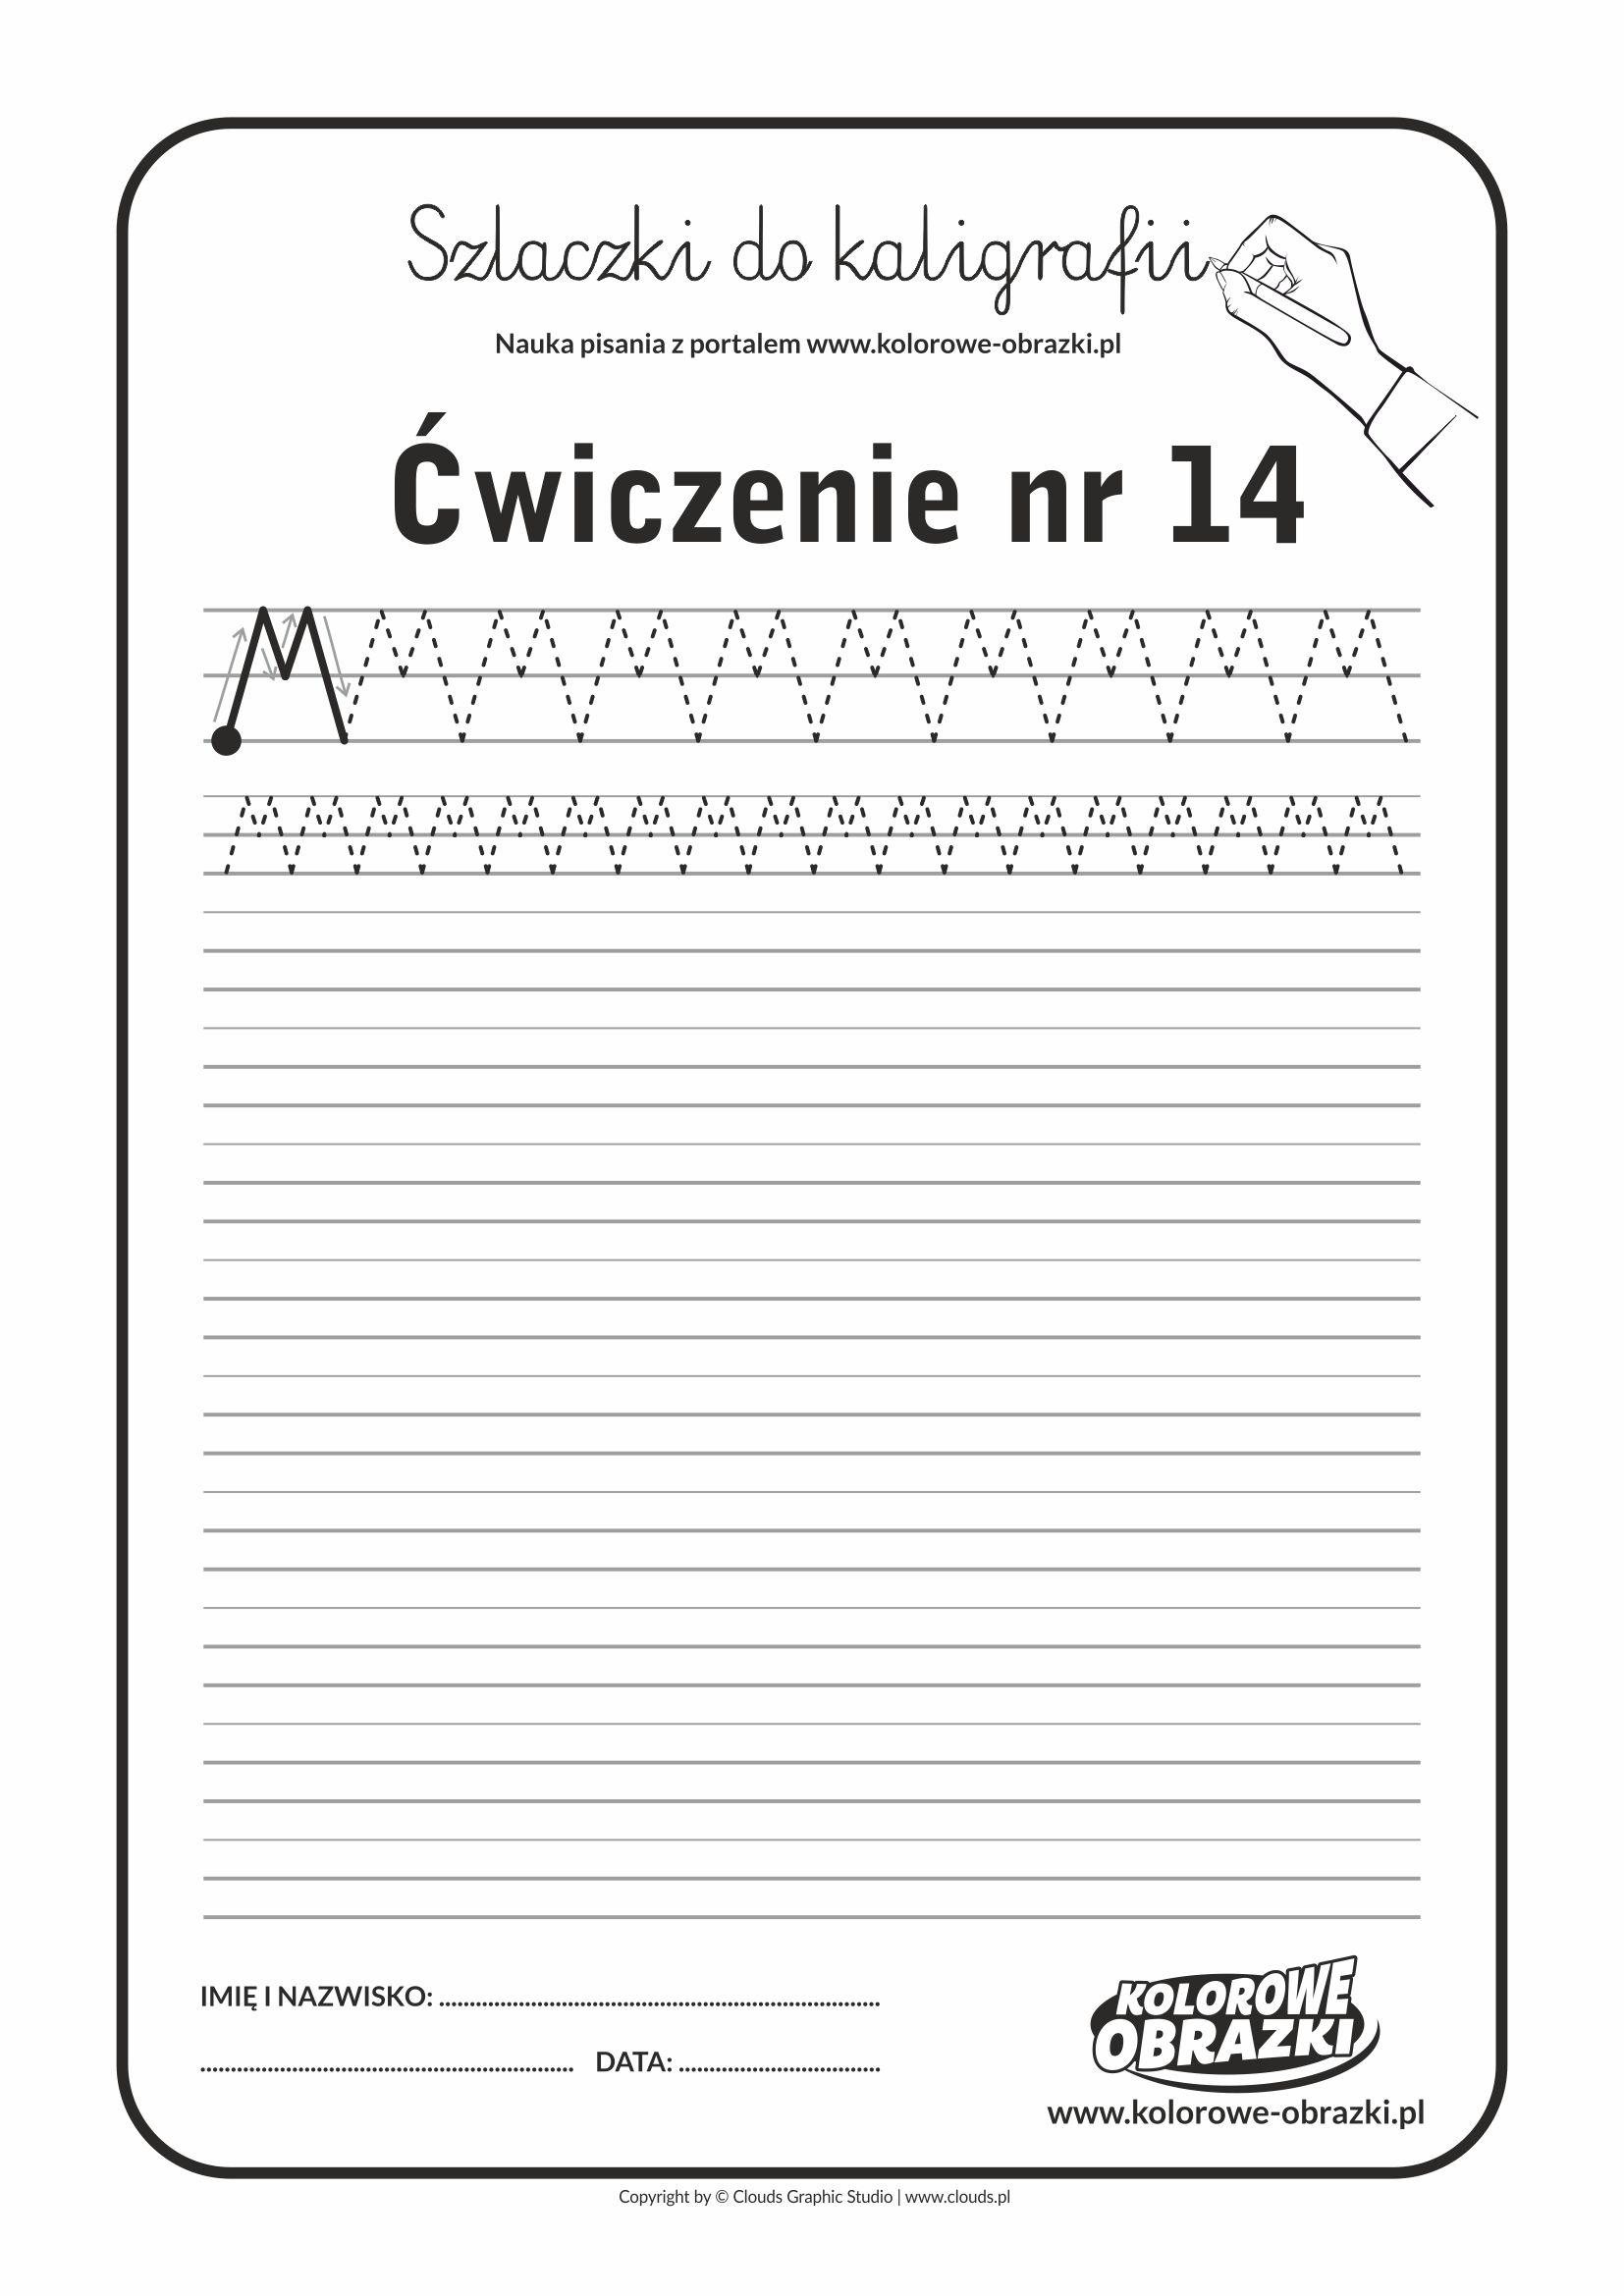 Kaligrafia dla dzieci - Ćwiczenia kaligraficzne / Szlaczki / Ćwiczenie nr 14